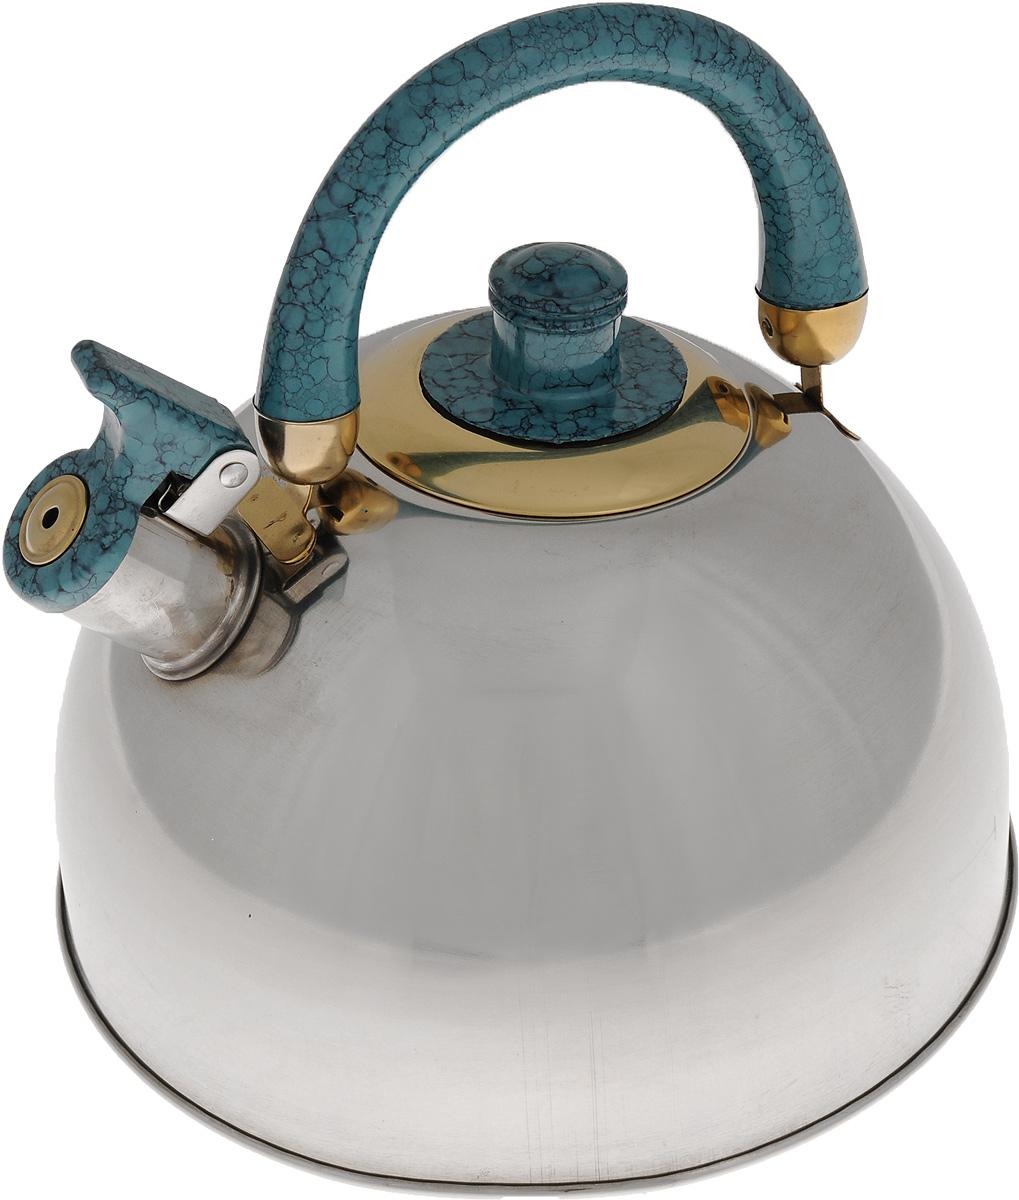 Чайник Mayer & Boch, со свистком, 4,5 л. 2043820438Чайник выполнен из высококачественной нержавеющей стали. Капсулированное дно с прослойкой из алюминия обеспечивает наилучшее распределение тепла. Носик чайника оснащен насадкой-свистком, что позволит вам контролировать процесс подогрева или кипячения воды. Пластиковая ручка зафиксирована, это дает дополнительное удобство при разлитии напитка, поверхность чайника гладкая, что облегчает уход, а блеск придает чайнику шикарный внешний вид. Эстетичный и функциональный, с эксклюзивным дизайном, чайник будет оригинально смотреться в любом интерьере. Чайник подходит для использования на всех типах плит. Можно мыть в посудомоечной машине. Диаметр (по верхнему краю): 9 см. Диаметр основания: 22 см. Высота стенки: 13 см.